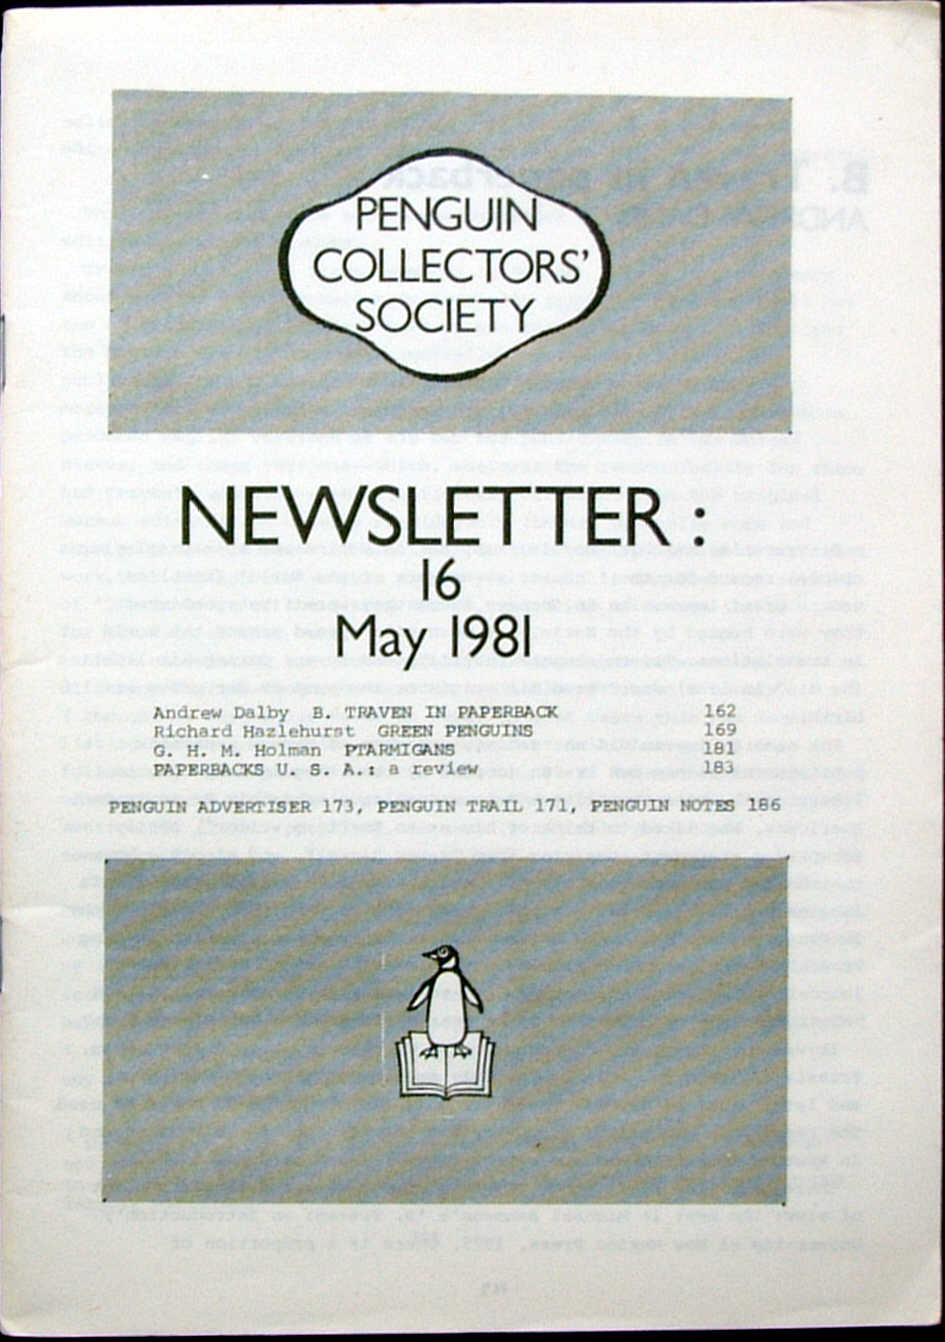 Newsletter: 16